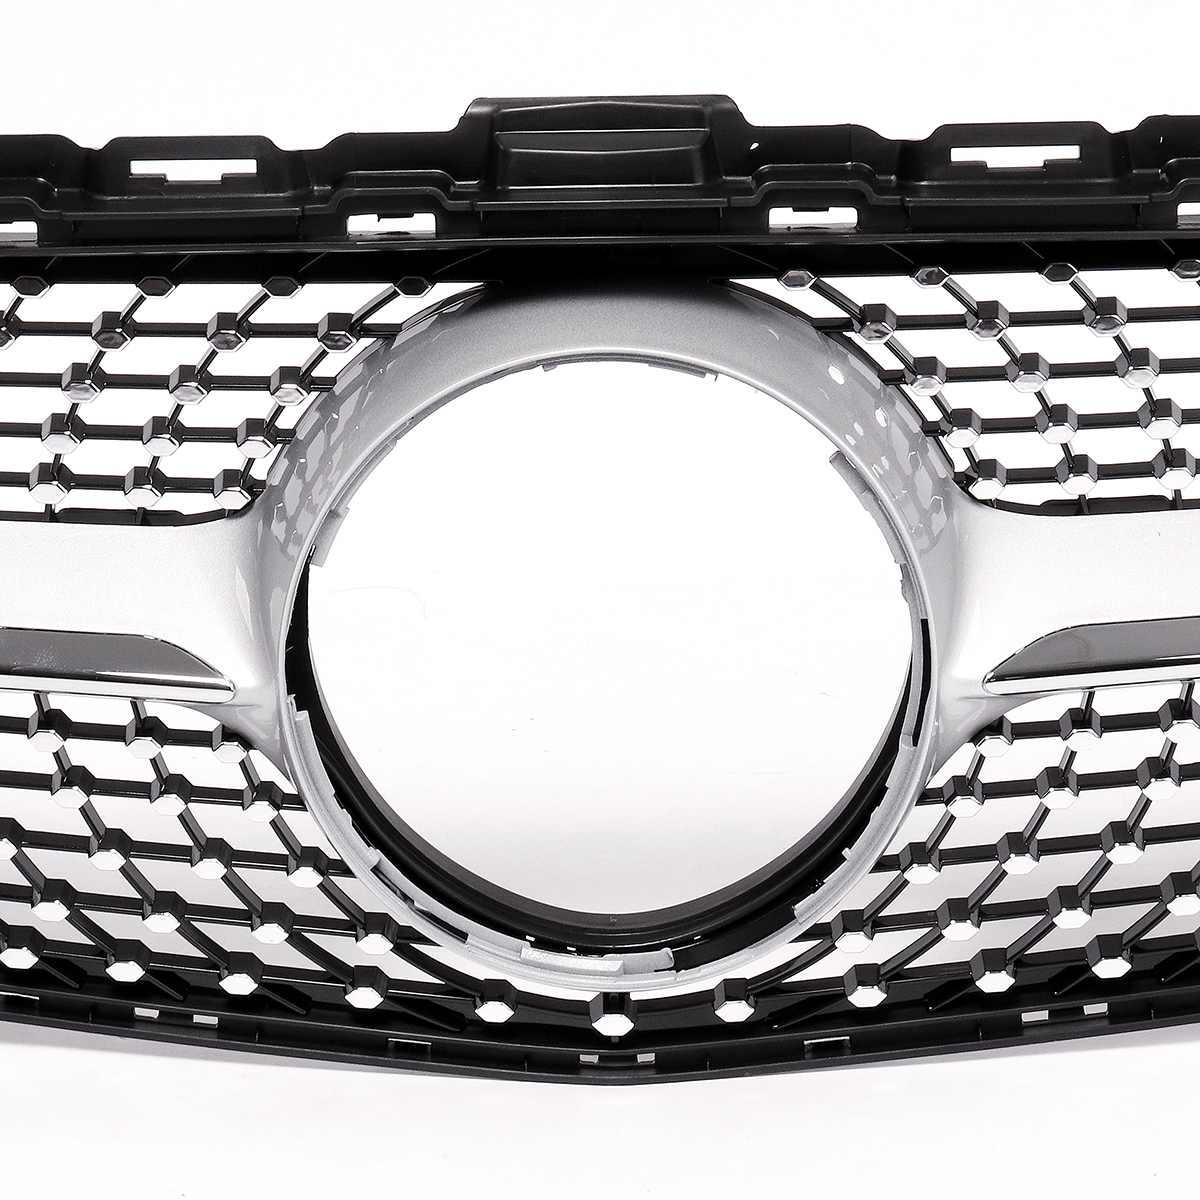 Алмазный Стиль W205 Автомобильная Передняя решетка решетки для Mercedes для Benz C Class W205 C200 C250 C300 C350 2015 18 без камеры - 5